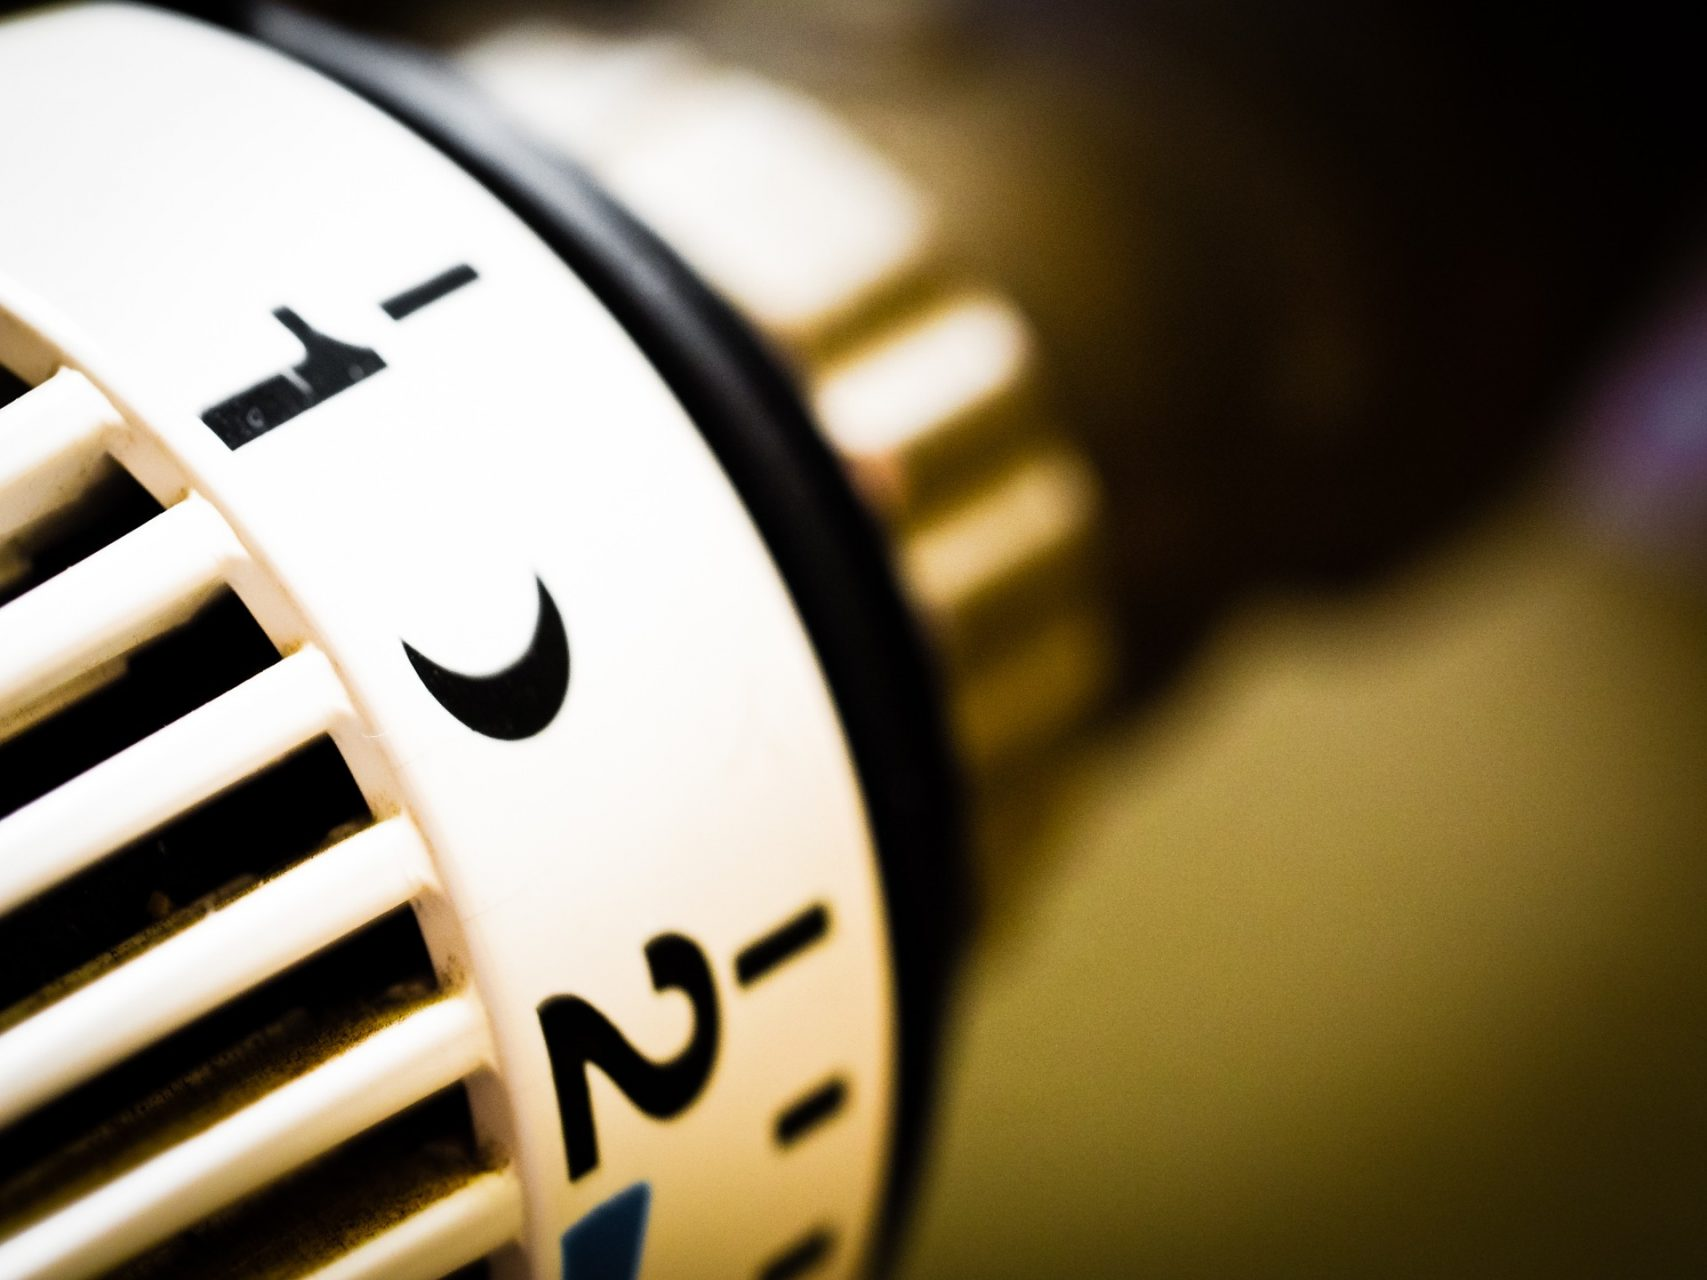 Kako postupiti kada centralno zakaze Odzracivanje radijatora